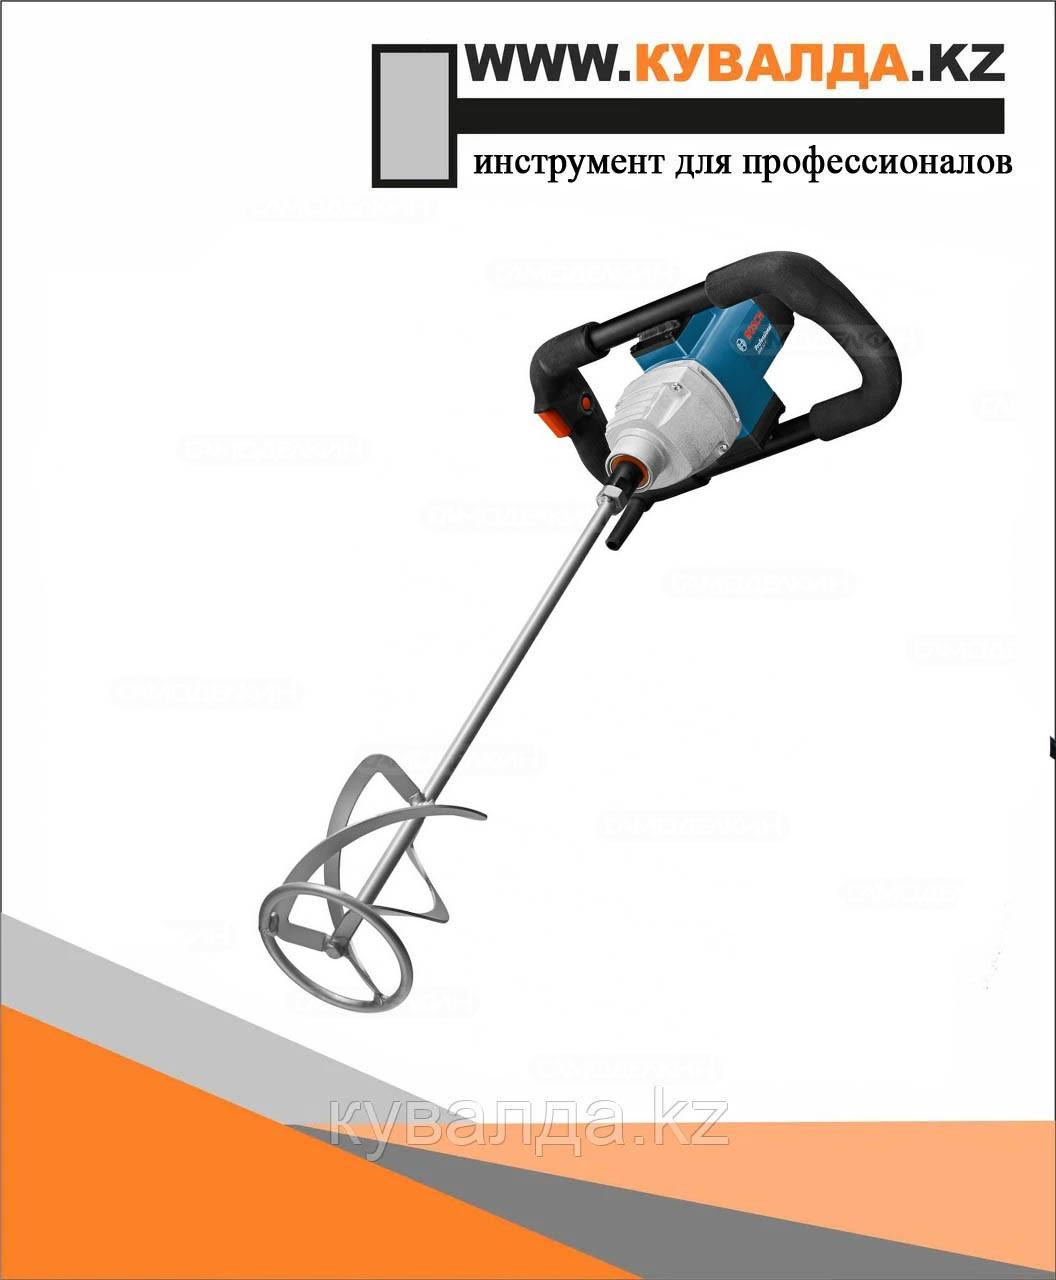 Строительный миксер Bosch GRW 18-2 E